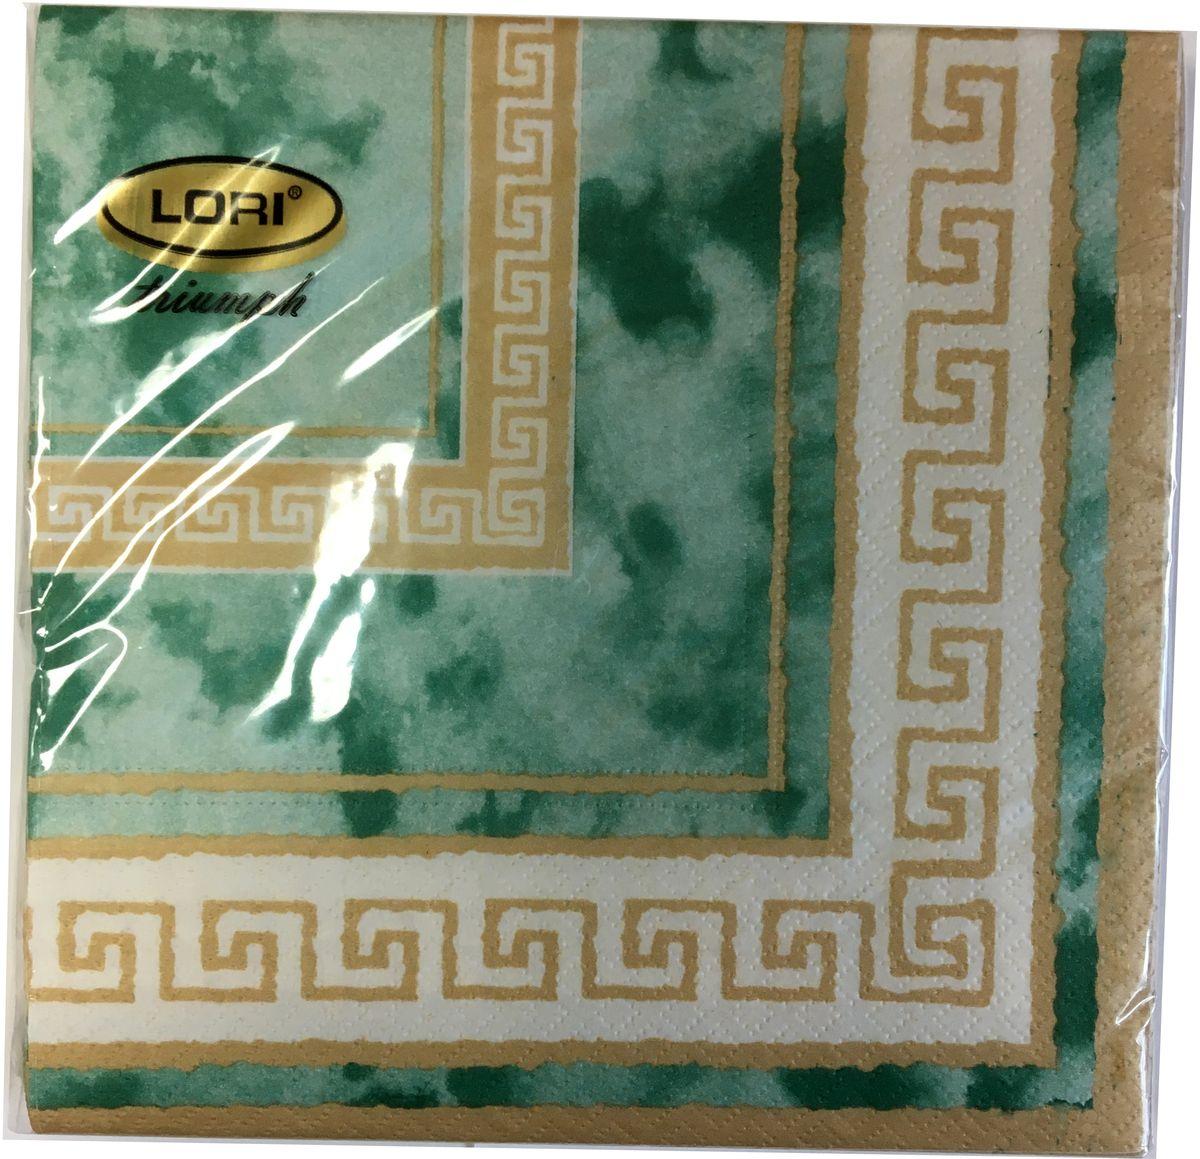 Салфетки бумажные Lori Triumph, трехслойные, цвет: зеленый, коричневый, 33 х 33 см, 20 шт. 5613456134Декоративные трехслойные салфетки Lori Triumph выполнены из 100% целлюлозы и оформлены ярким рисунком. Изделия станут отличным дополнением любого праздничного стола. Они отличаются необычной мягкостью, прочностью и оригинальностью. Размер салфеток в развернутом виде: 33 х 33 см.